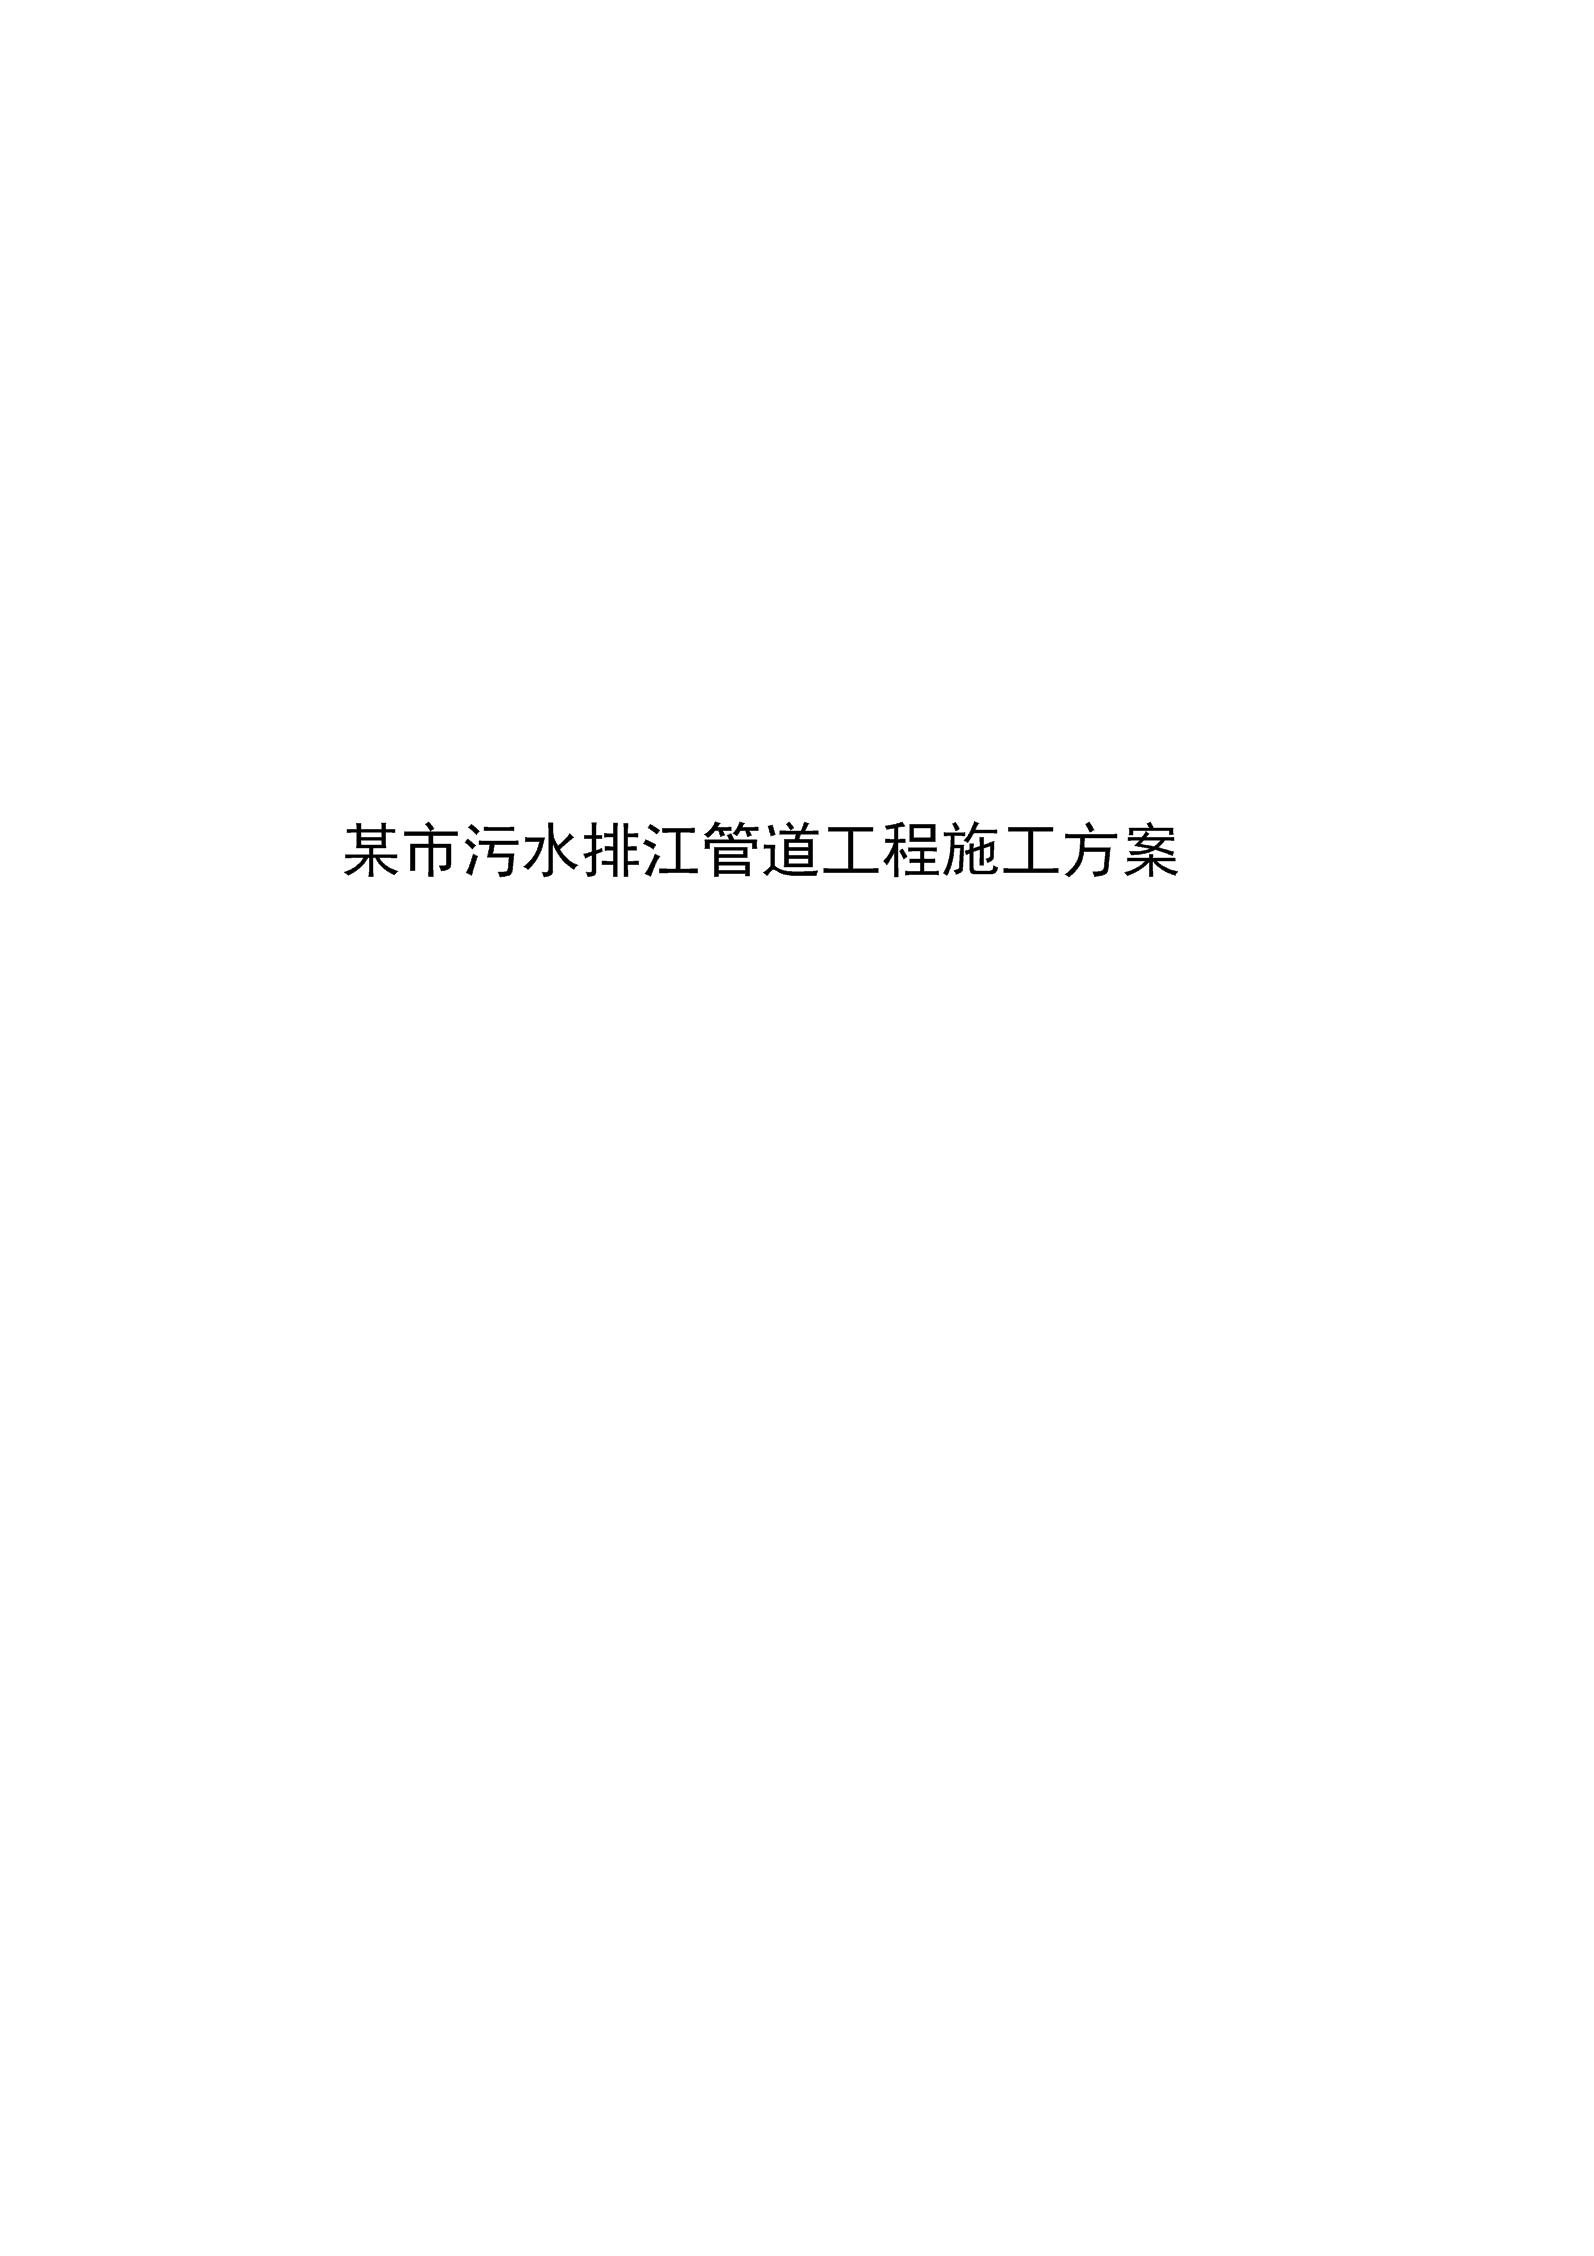 某市污水排江管道工程施工方案.docx